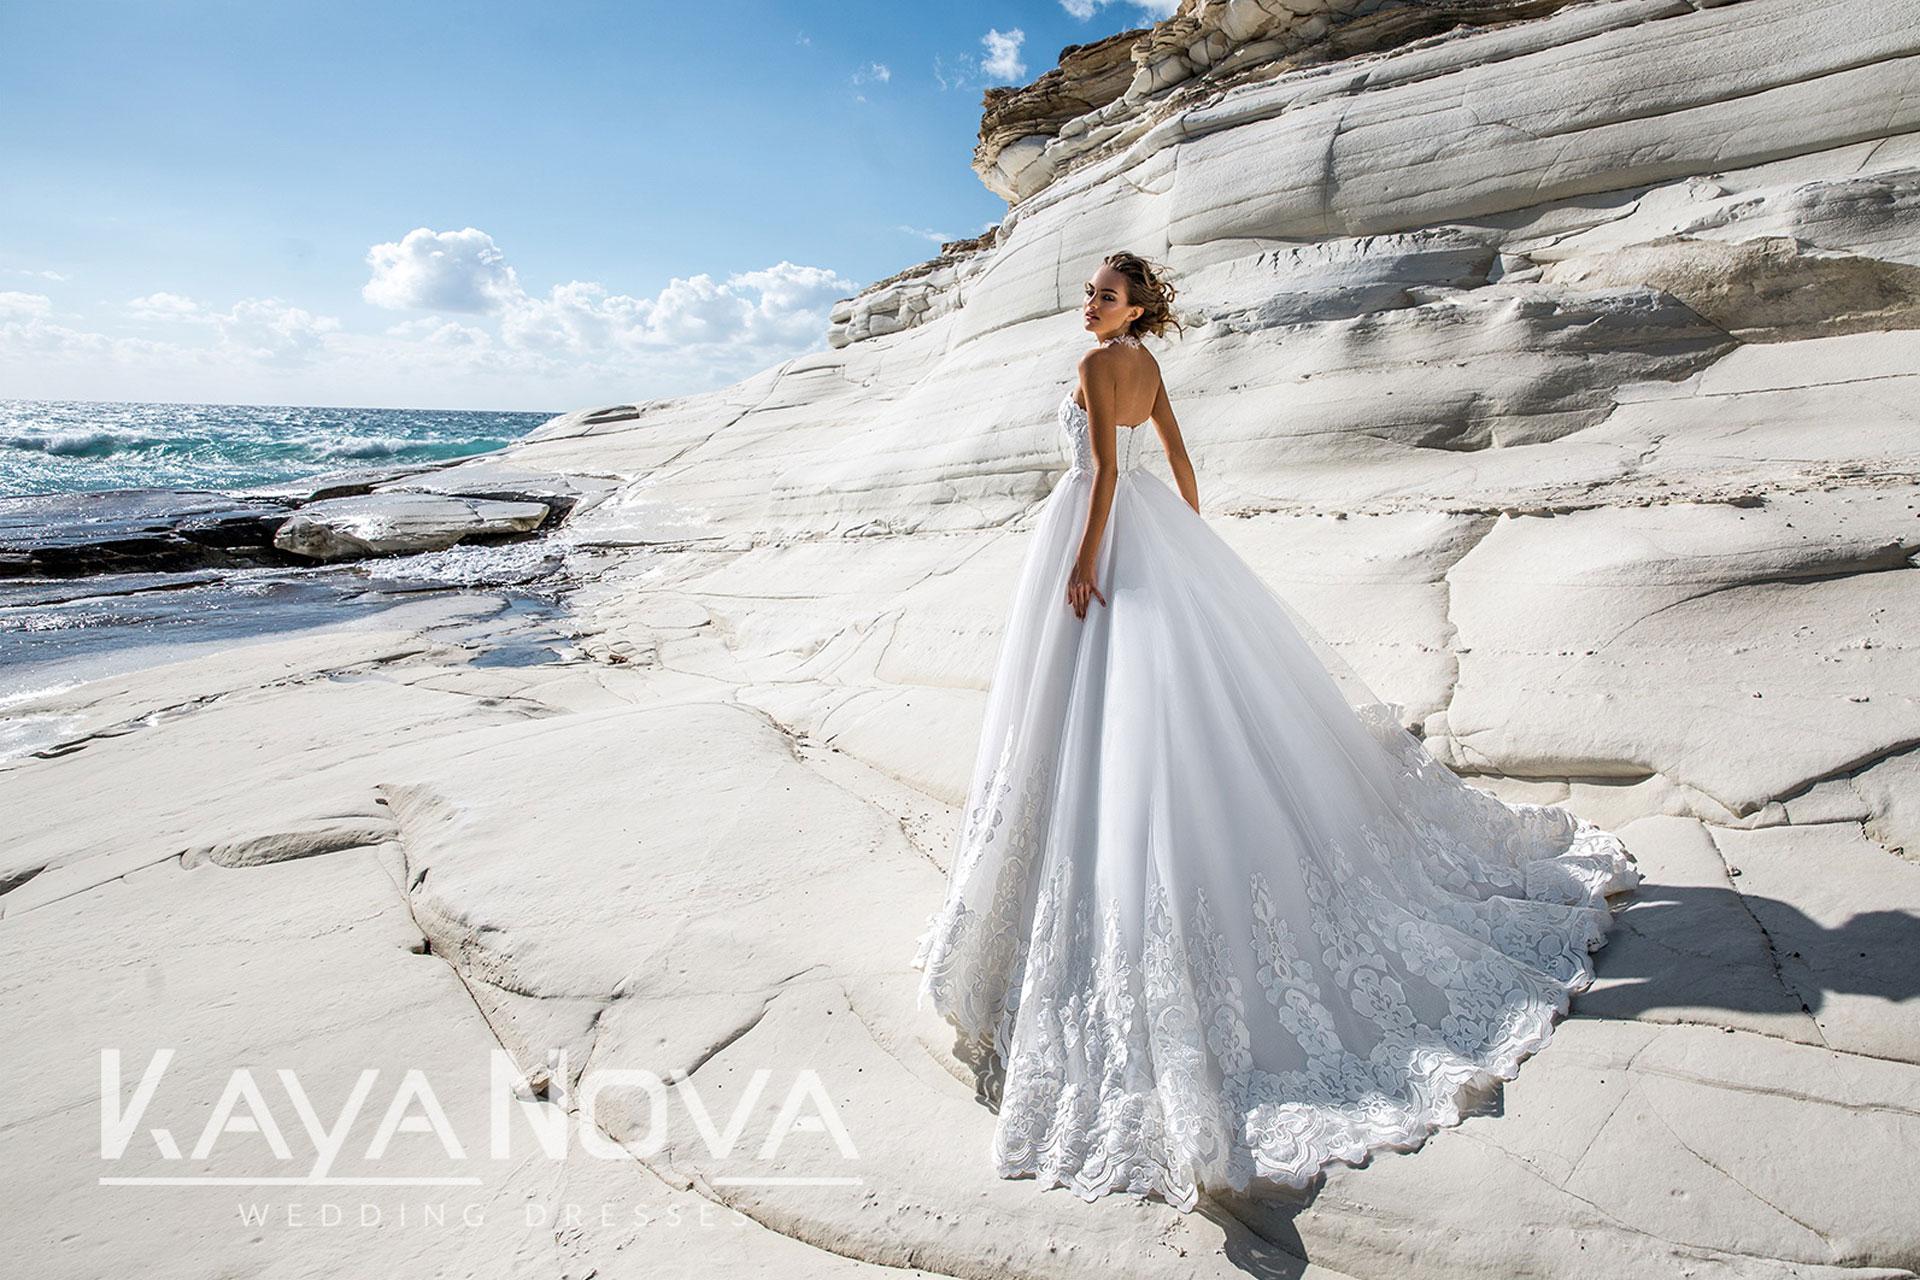 Traumhafte Brautmode von Kaya Nova